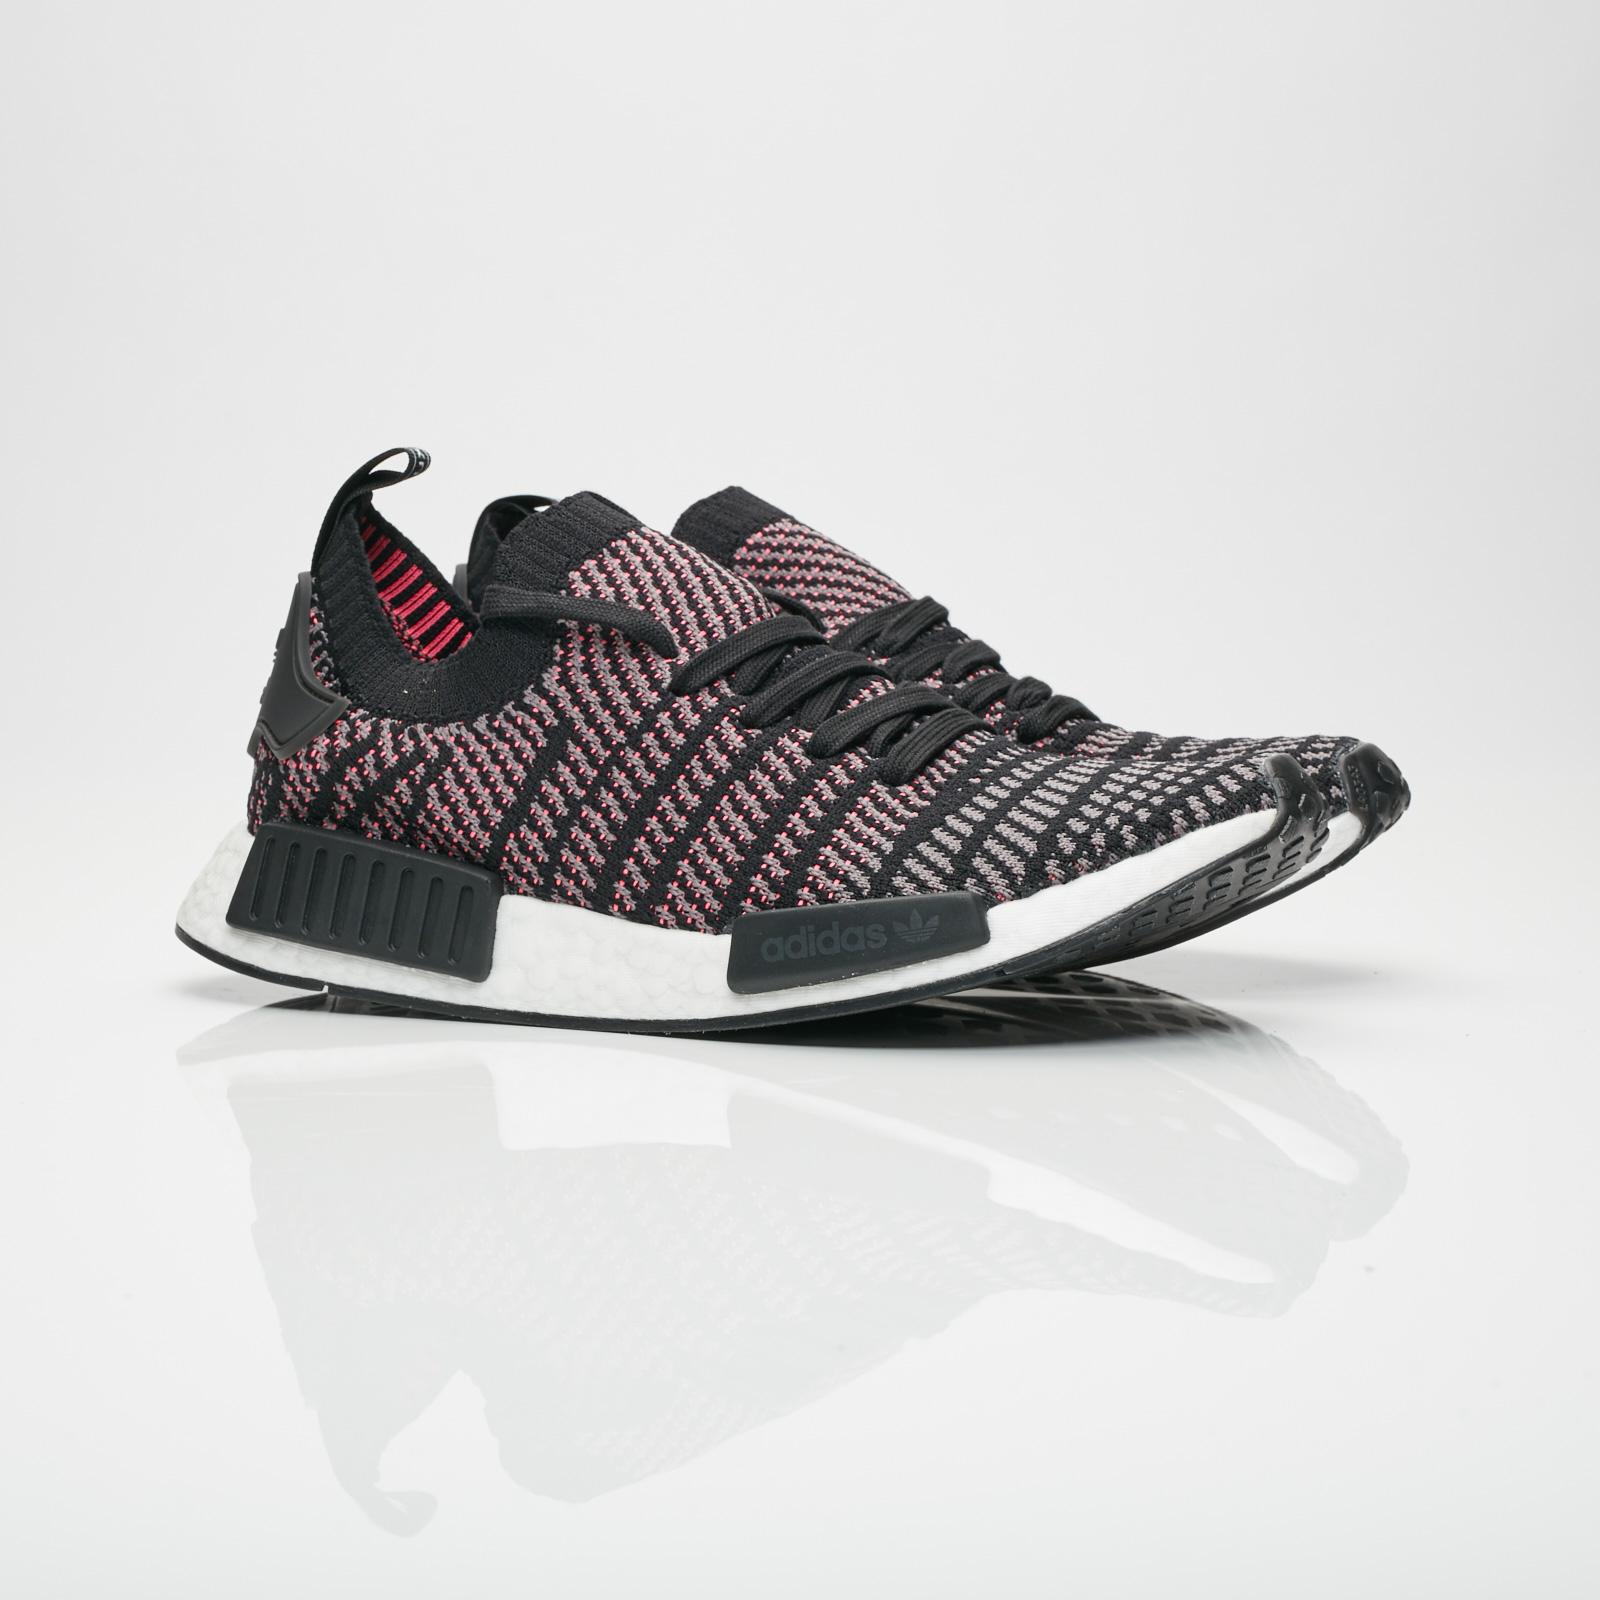 30b3f2f296fe6 adidas NMD R1 STLT Primeknit - Cq2386 - Sneakersnstuff